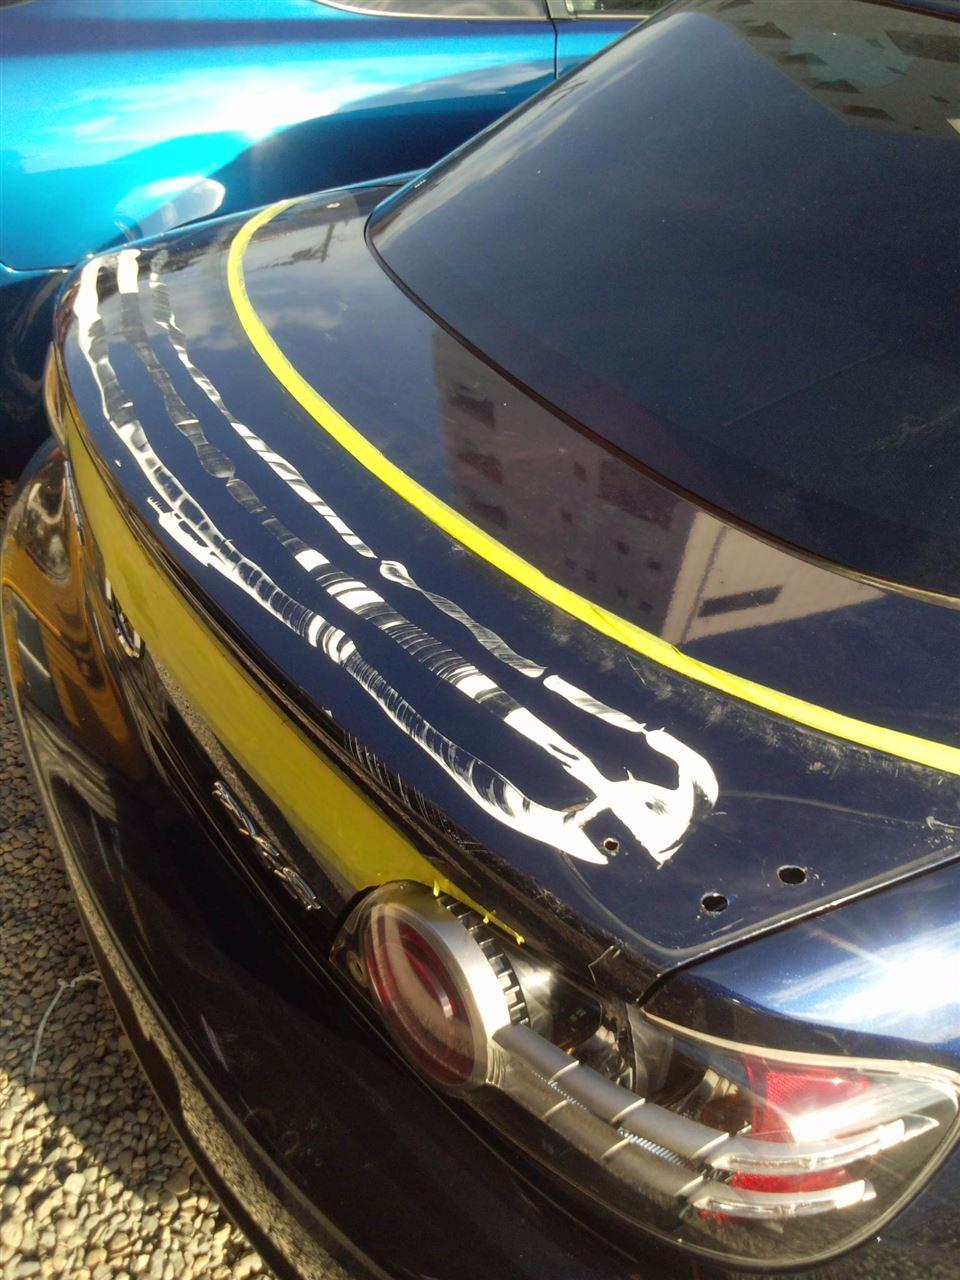 東京都立川市の車の板金塗装修理工場 ガレージローライドのマツダ RX-8の右側面のキズ へこみ の板金 修理 塗装 です。